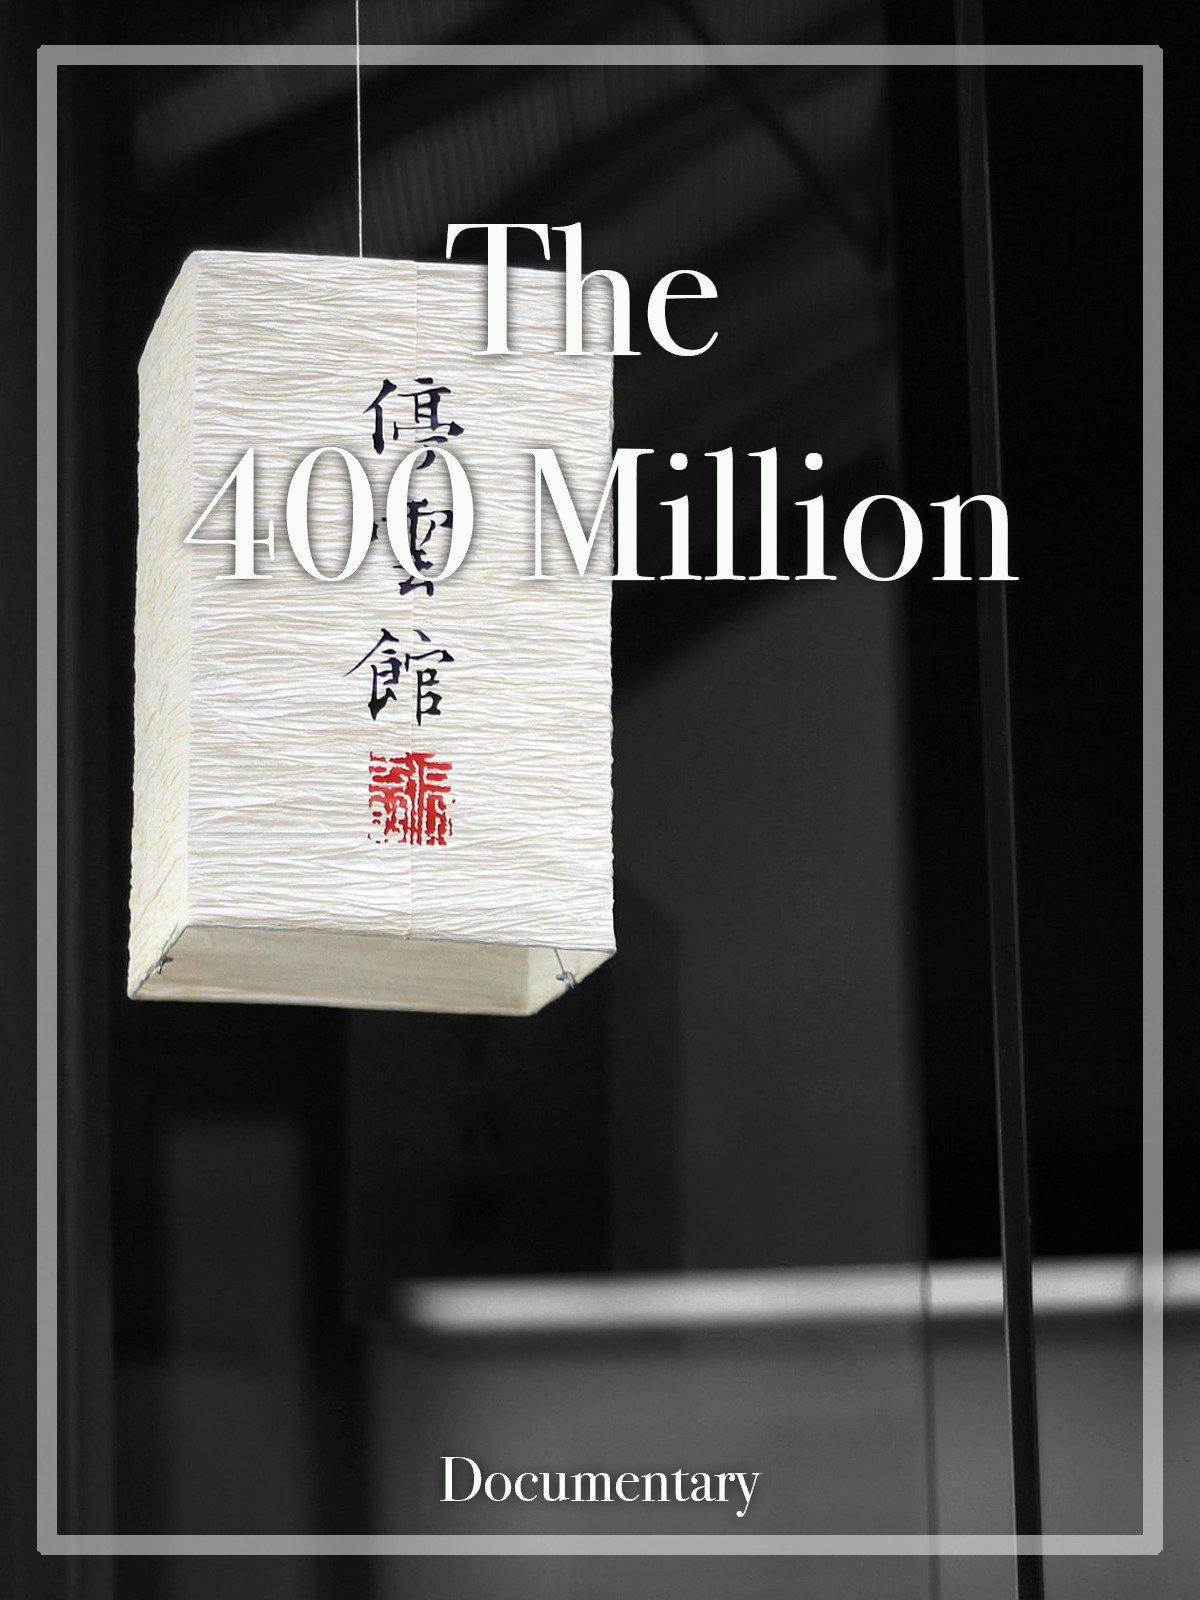 The 400 Million Documentary